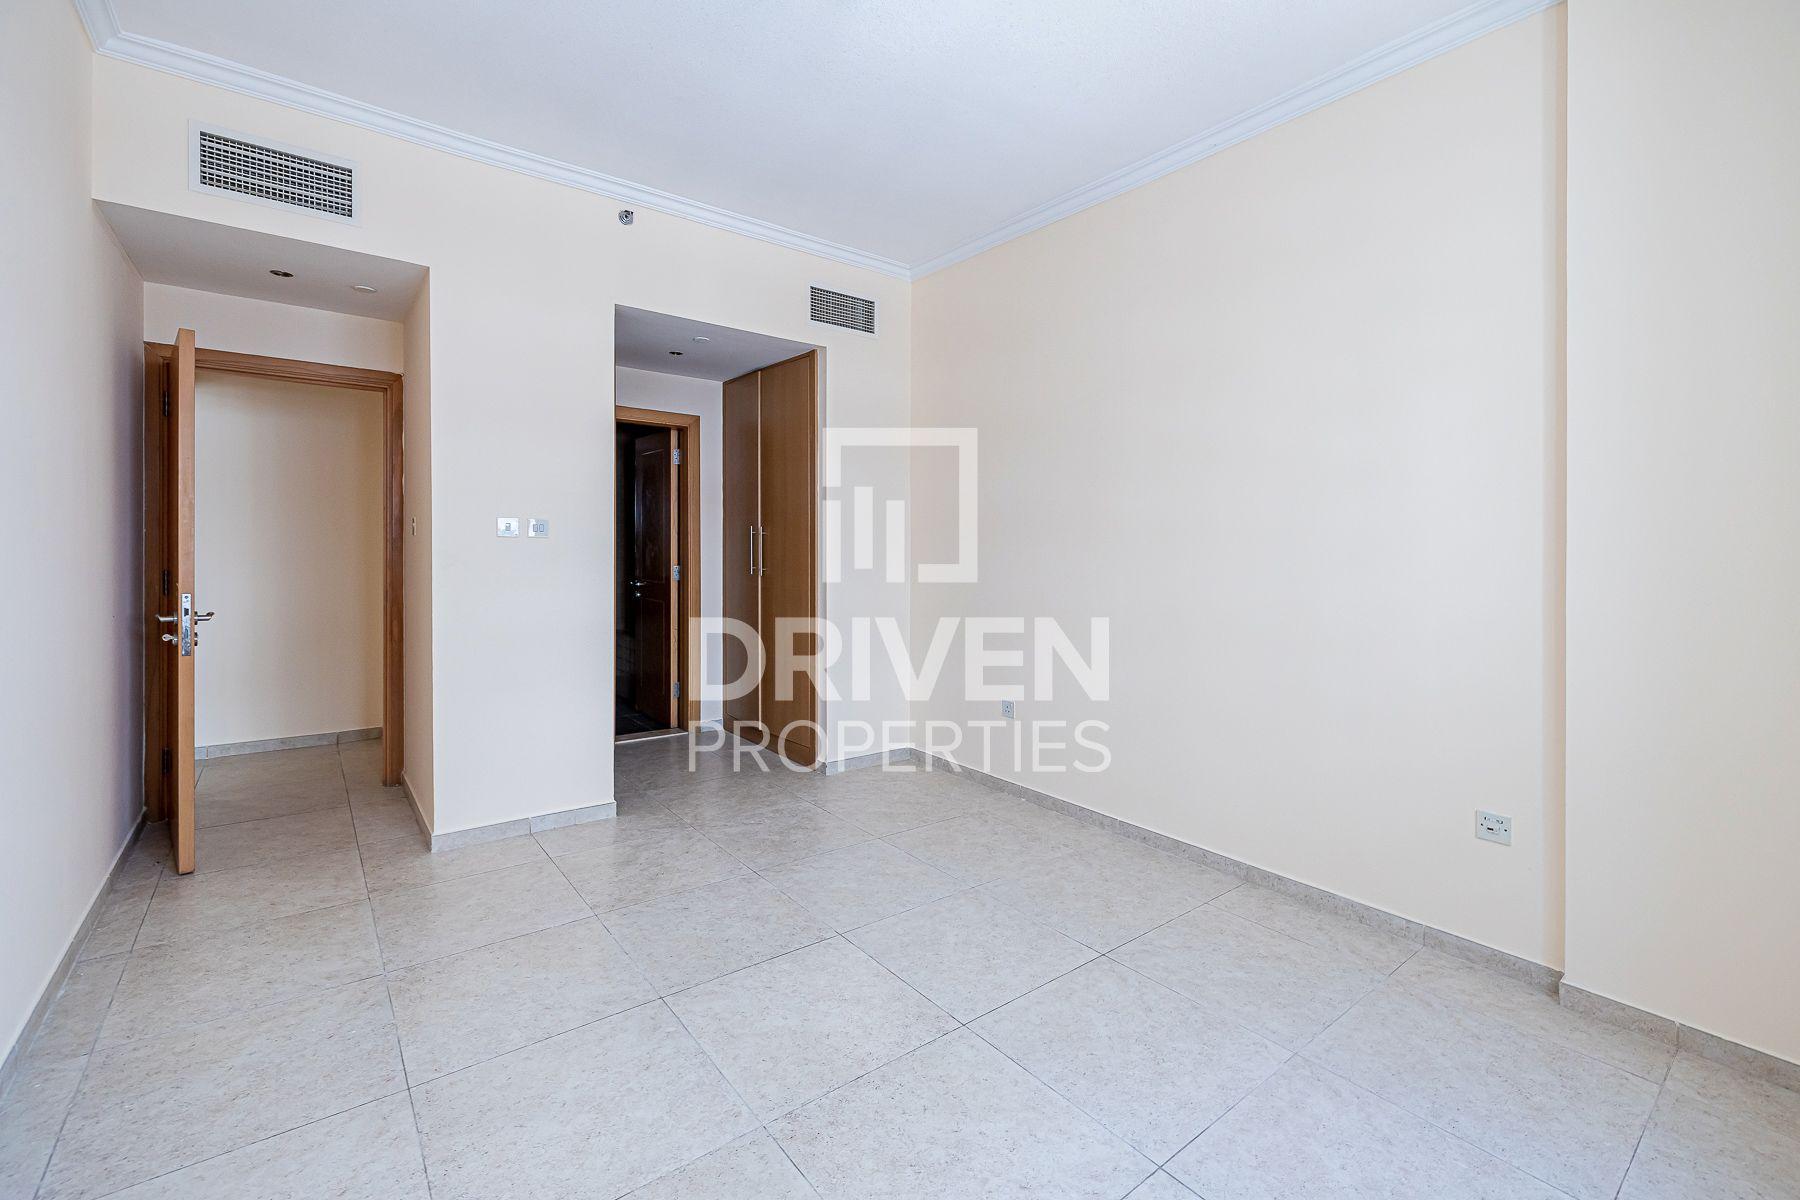 للبيع - شقة - الزفير - واحة السيليكون